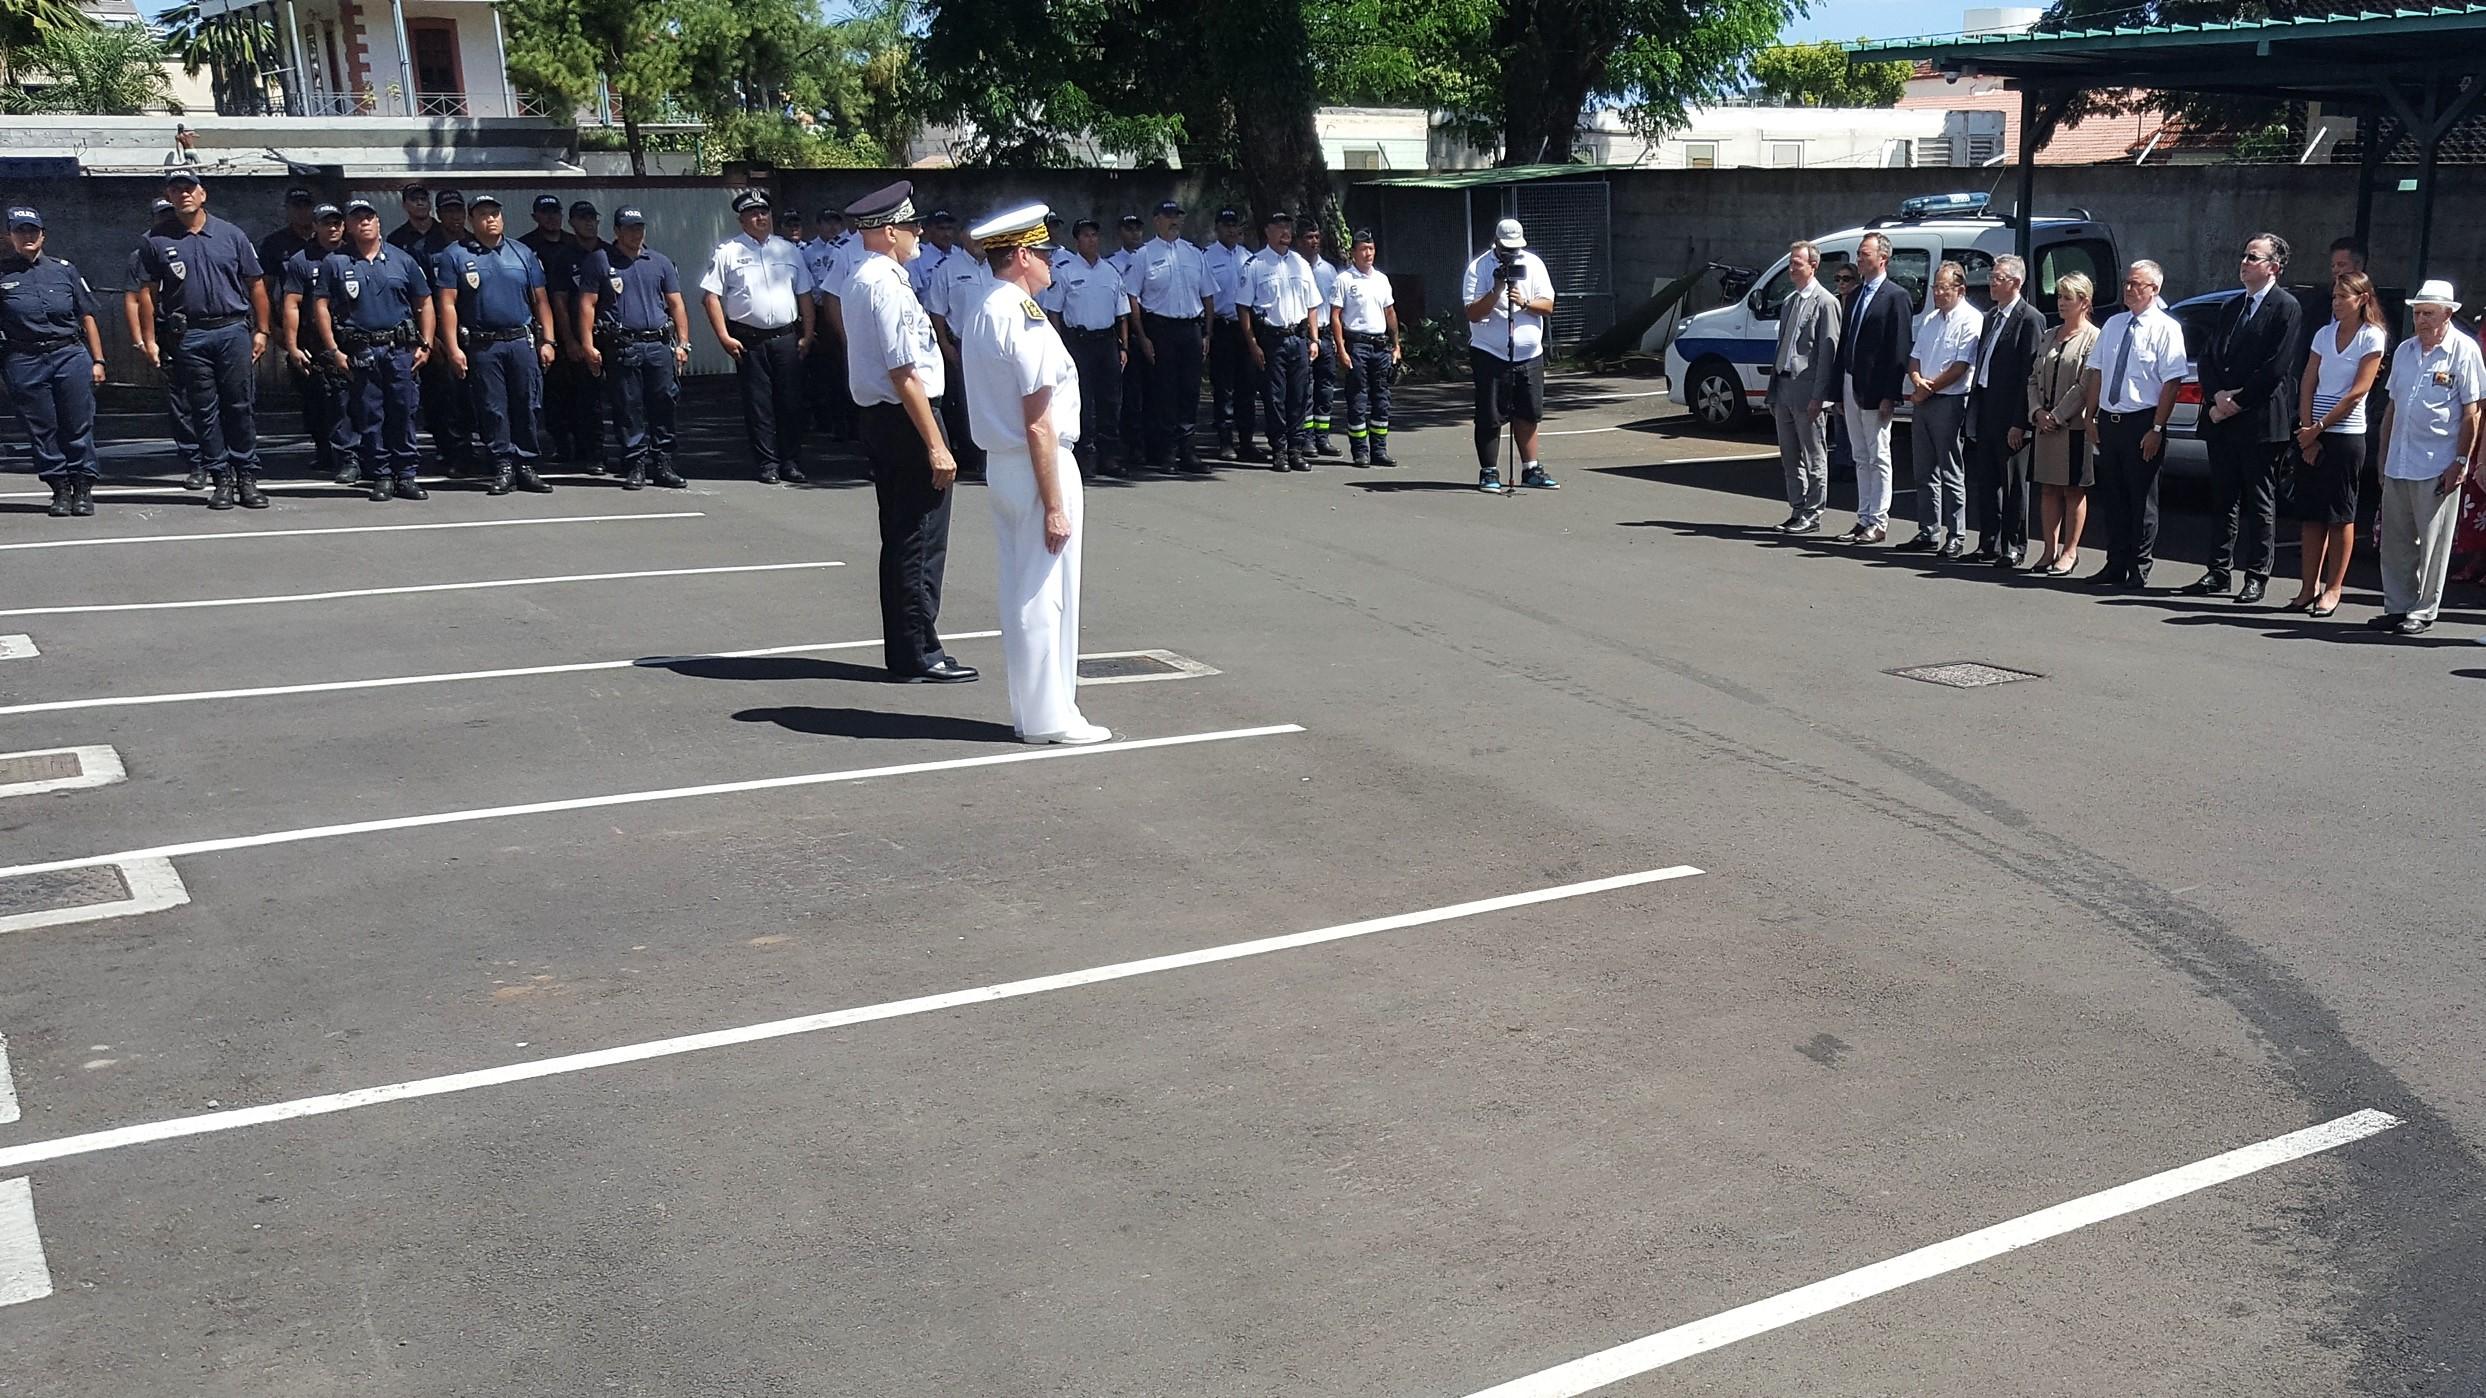 Une minute de silence a été respectée ce mardi dans la cour de la DSP en mémoire du policier assassiné.